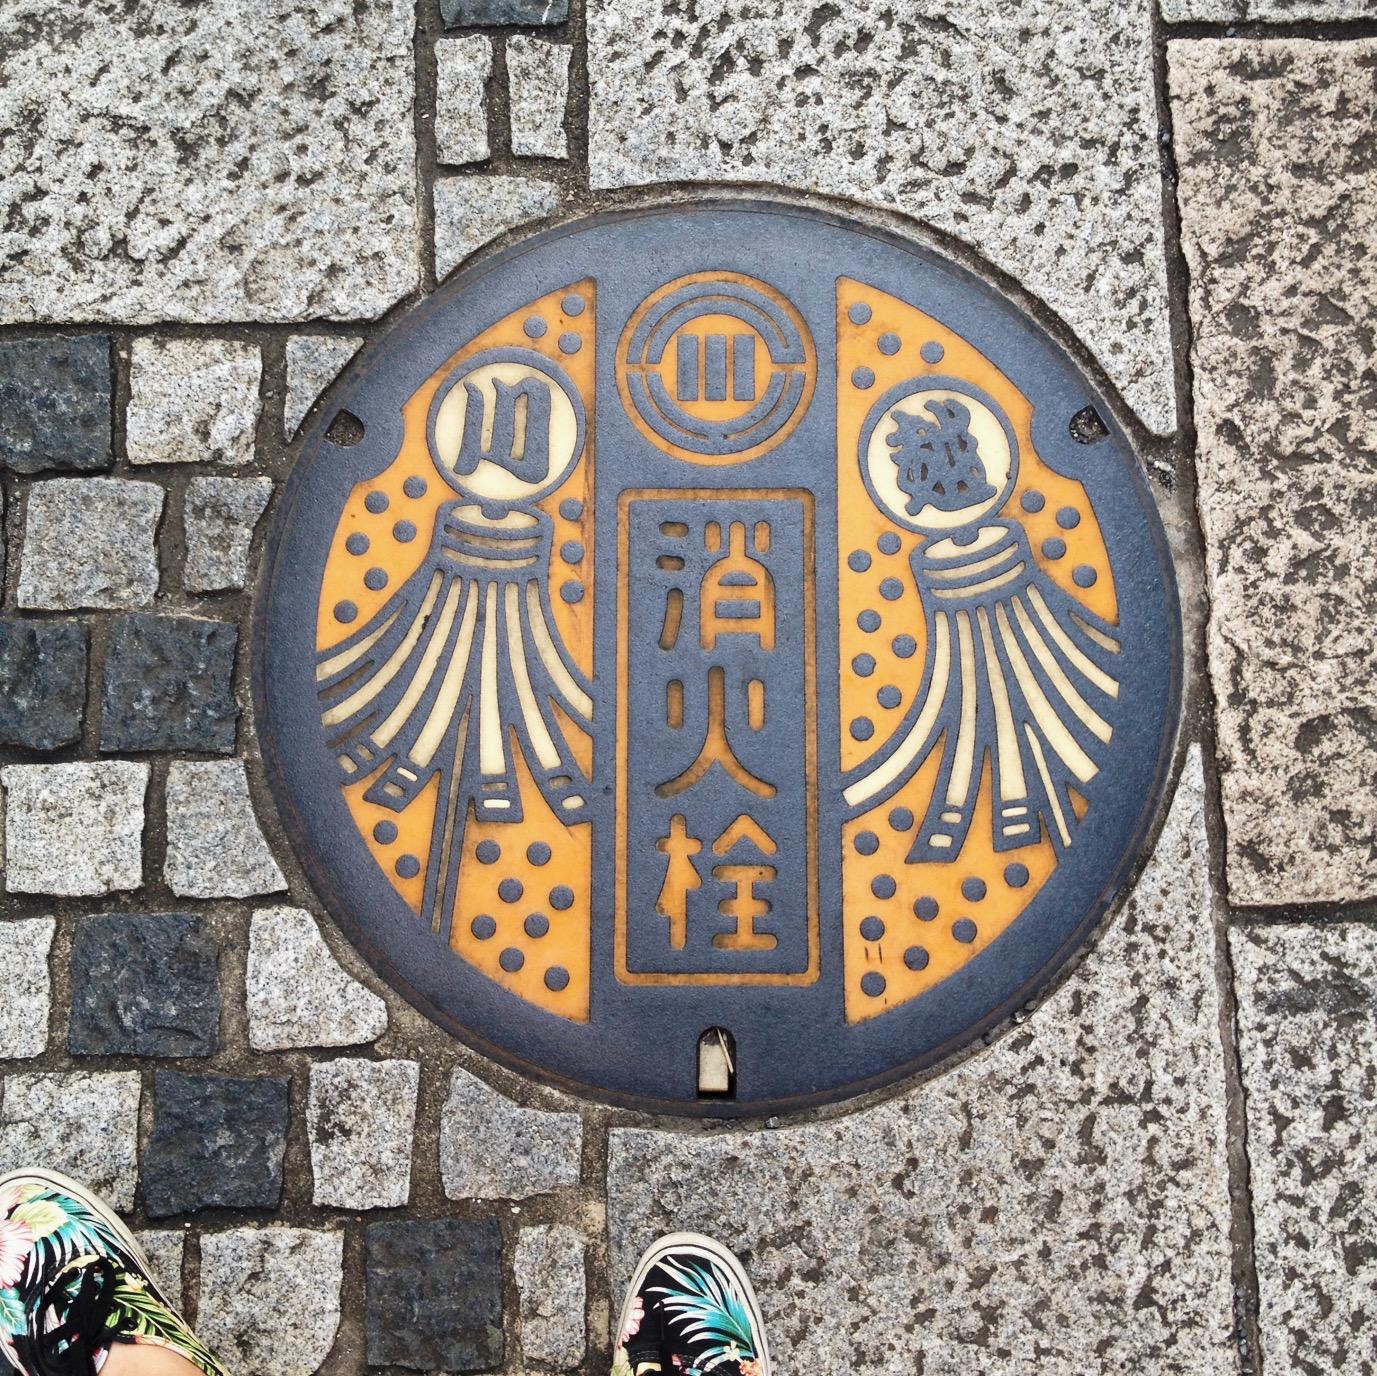 日本人孔蓋真是太美了!